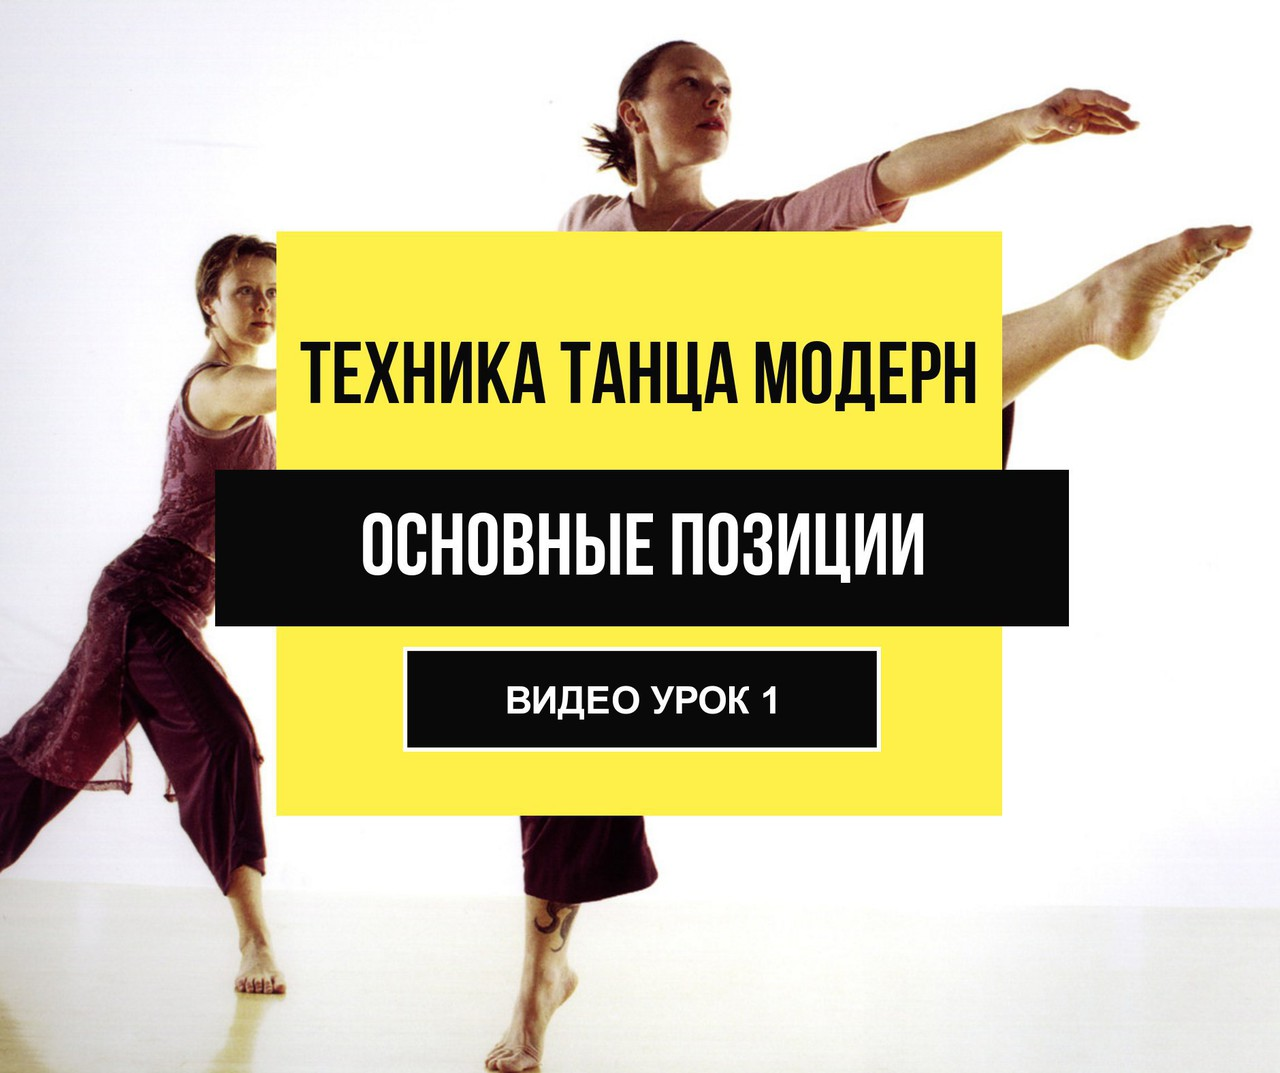 Основные позиции танца модерн